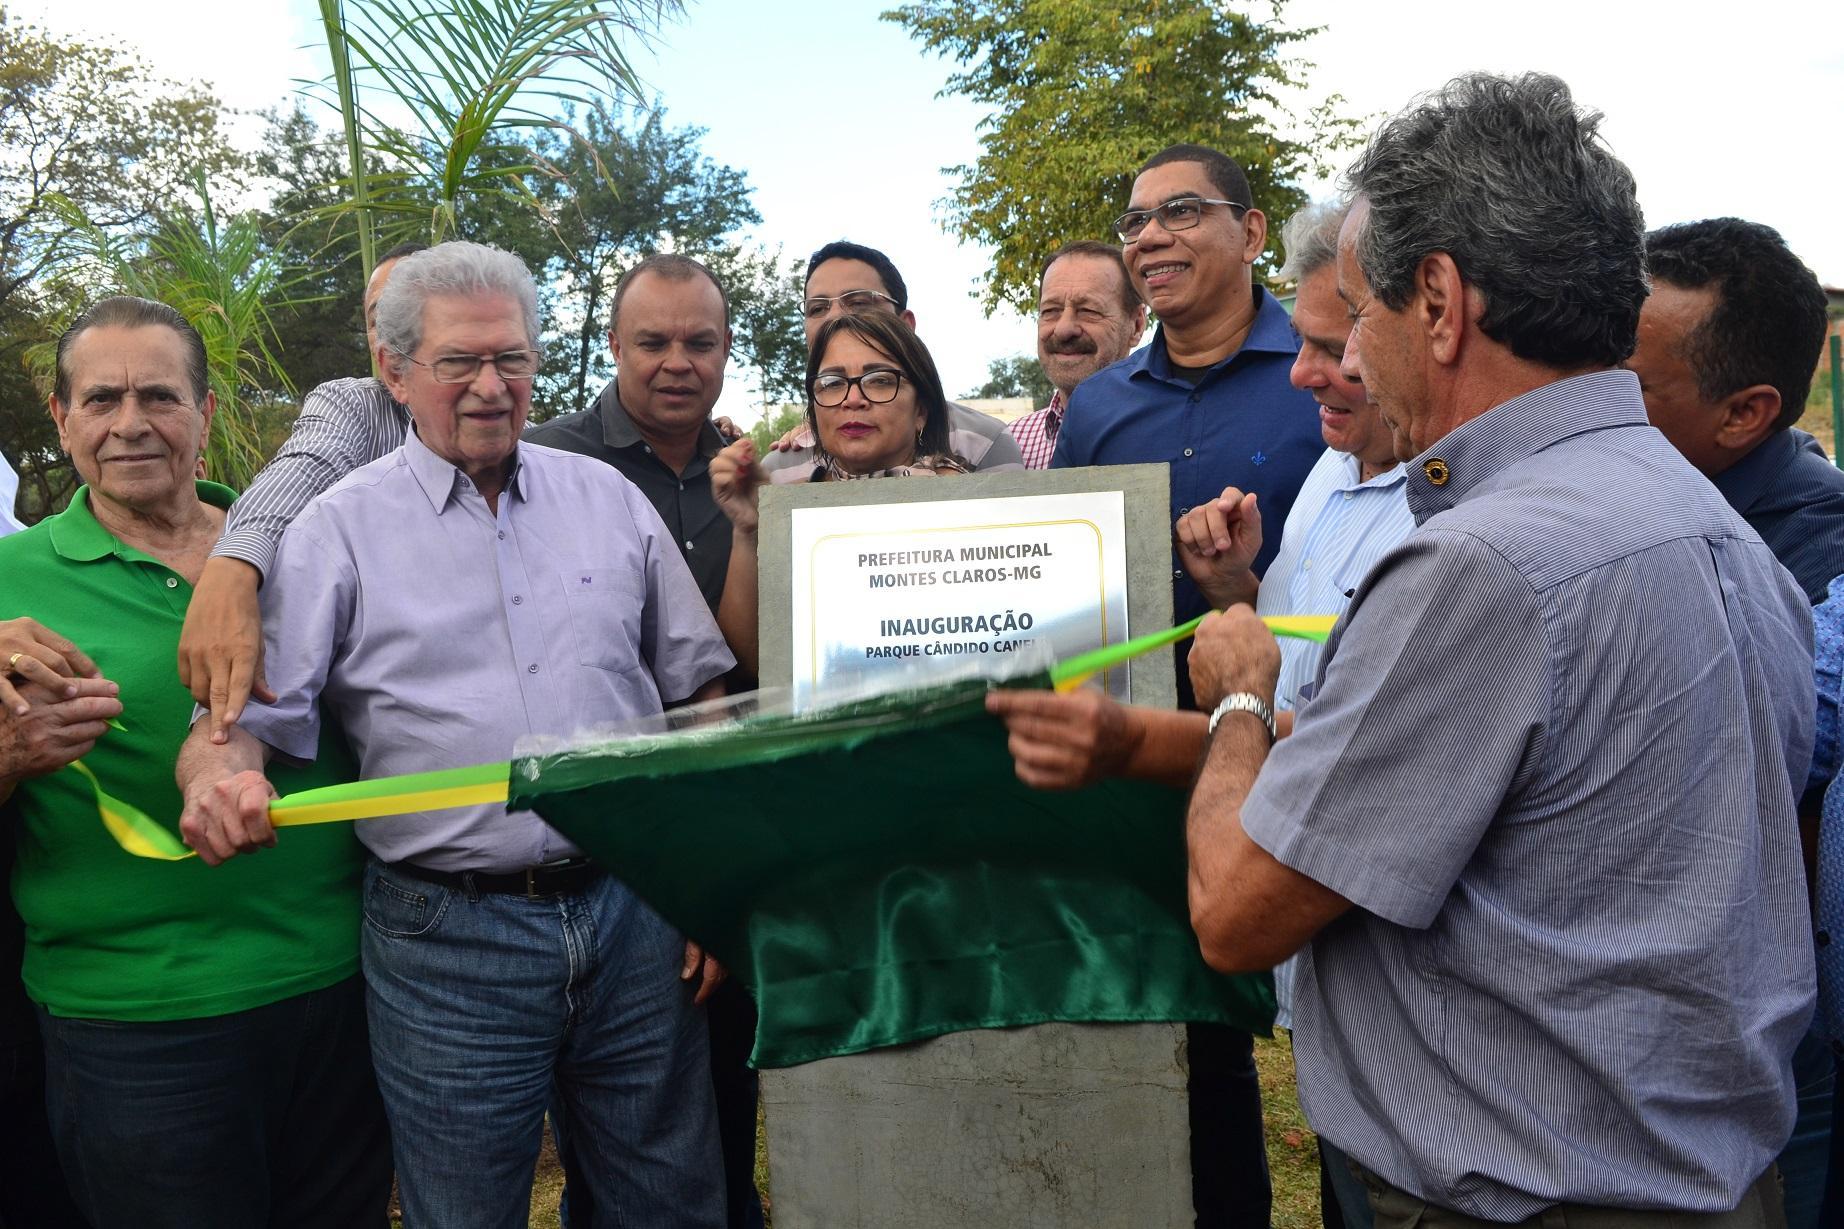 Imagem de destaque Inauguração do Parque Cândido Canela